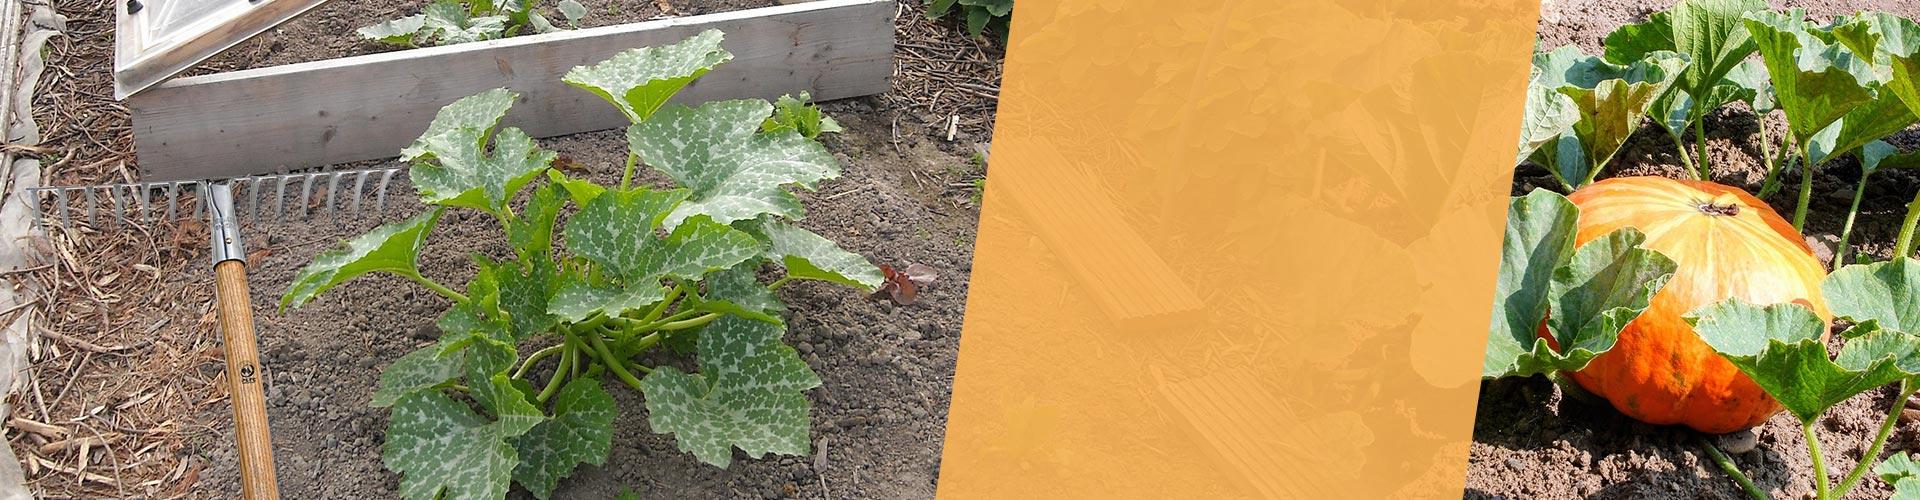 Préparer votre jardin potager